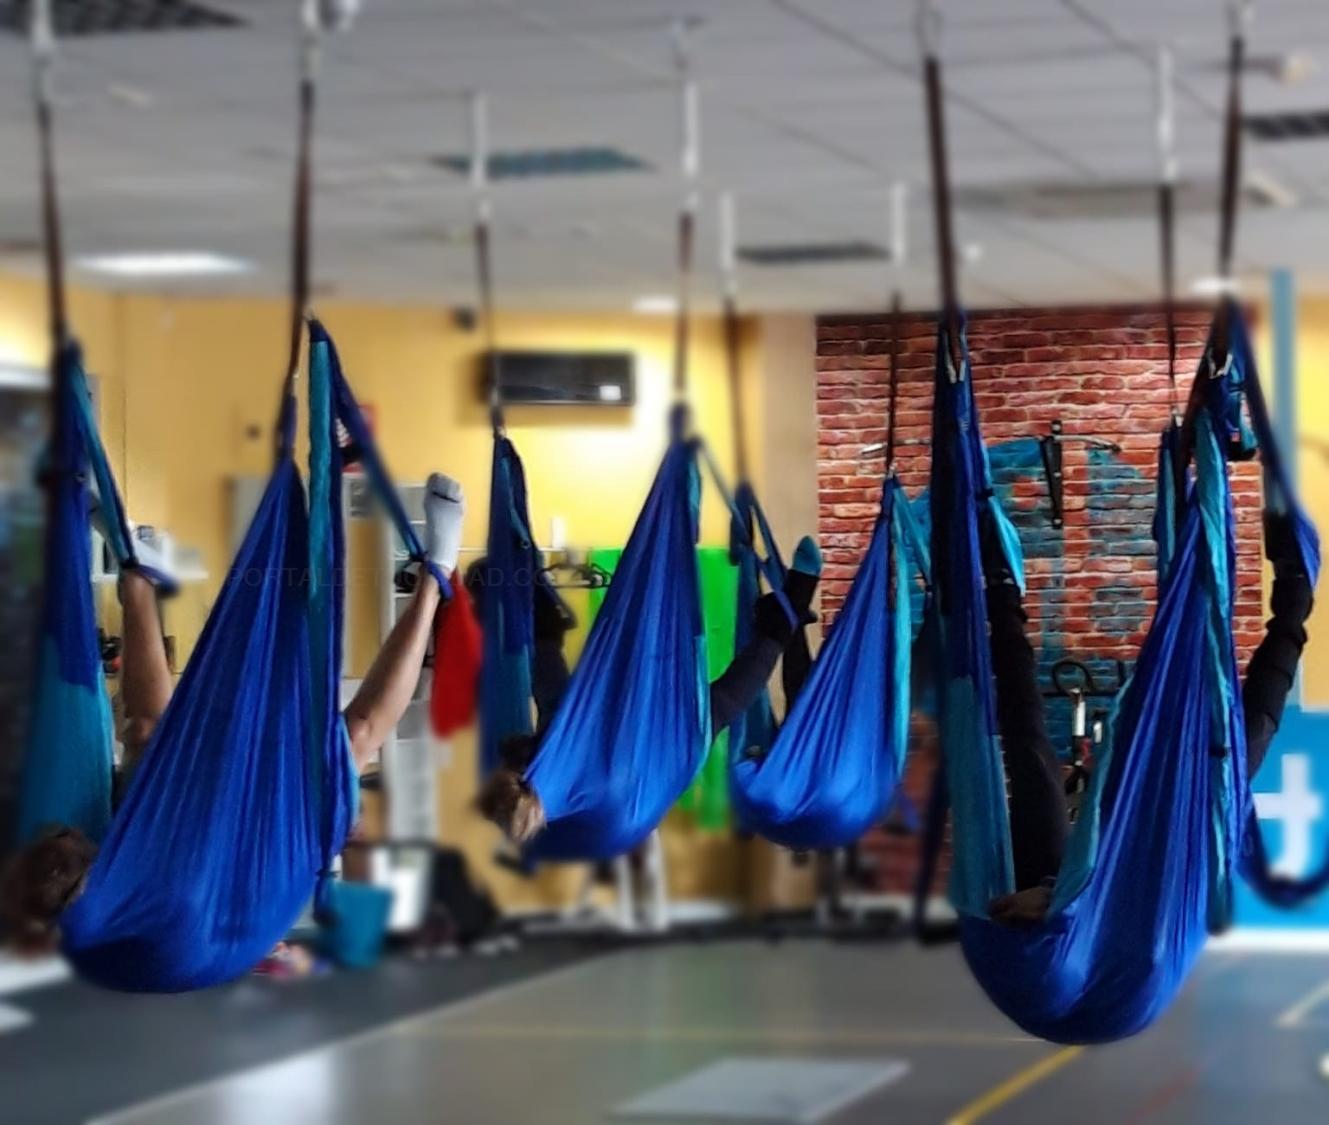 gimnasios en collado villalba, gimnasios en la sierra de madrid, gimnasios en torrelodones, gimnasio